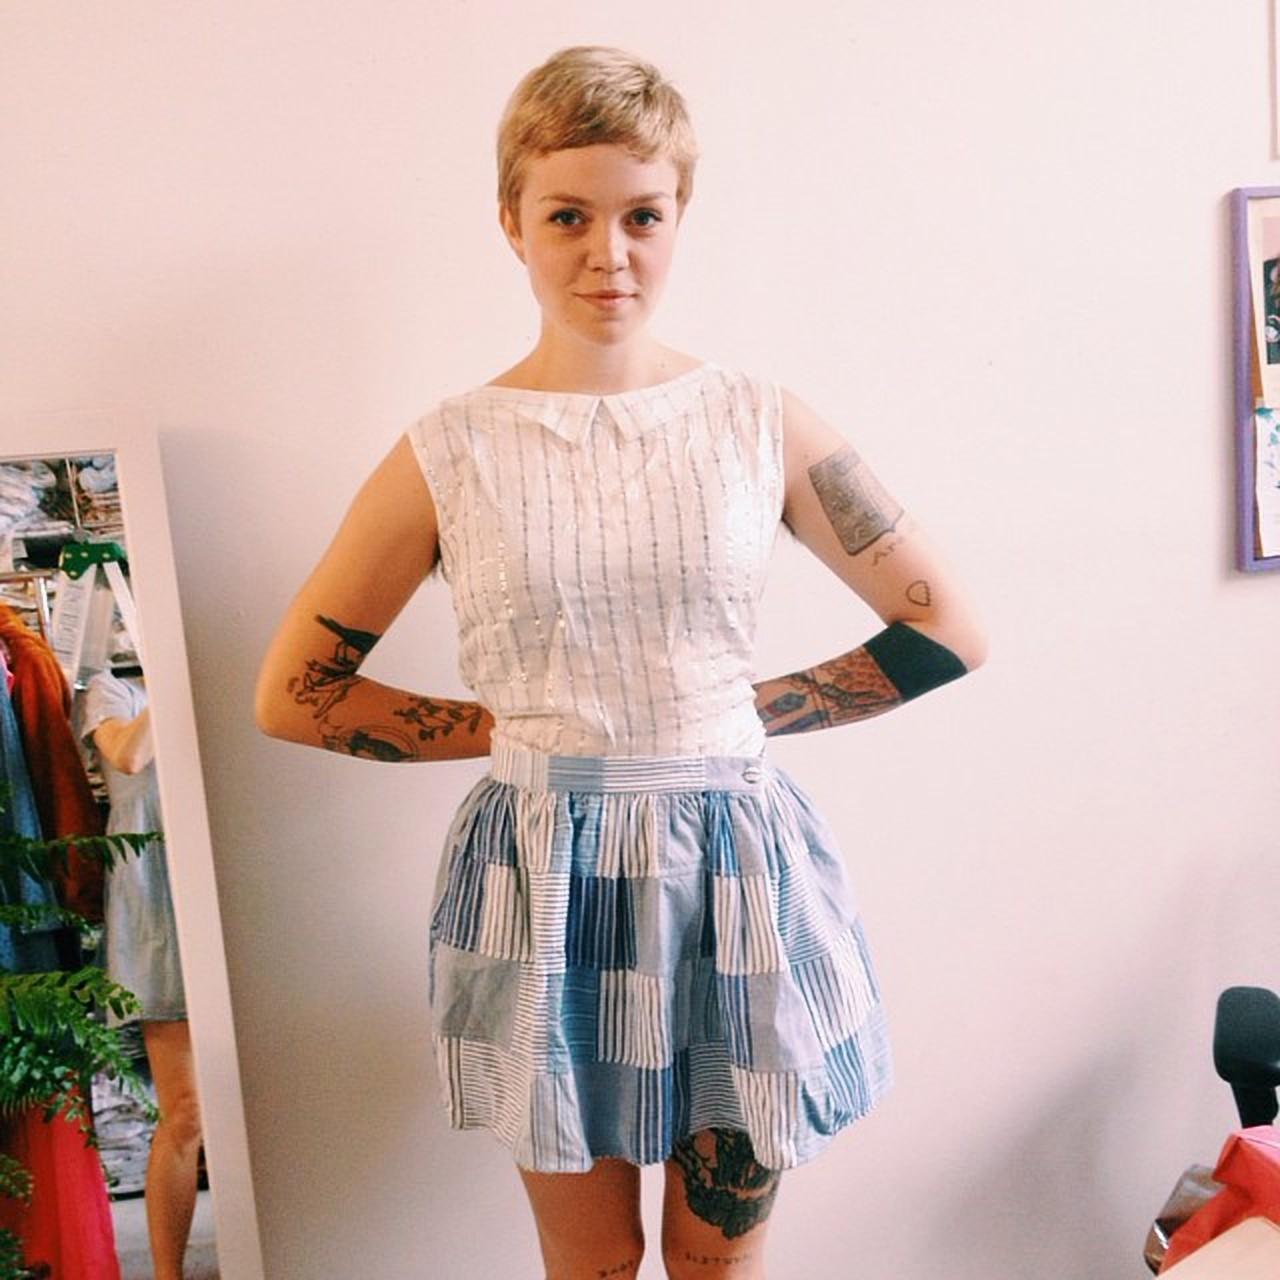 Meredith Graves goes fantasy record shopping at Le Guess Who? Mega CD and Record Fair